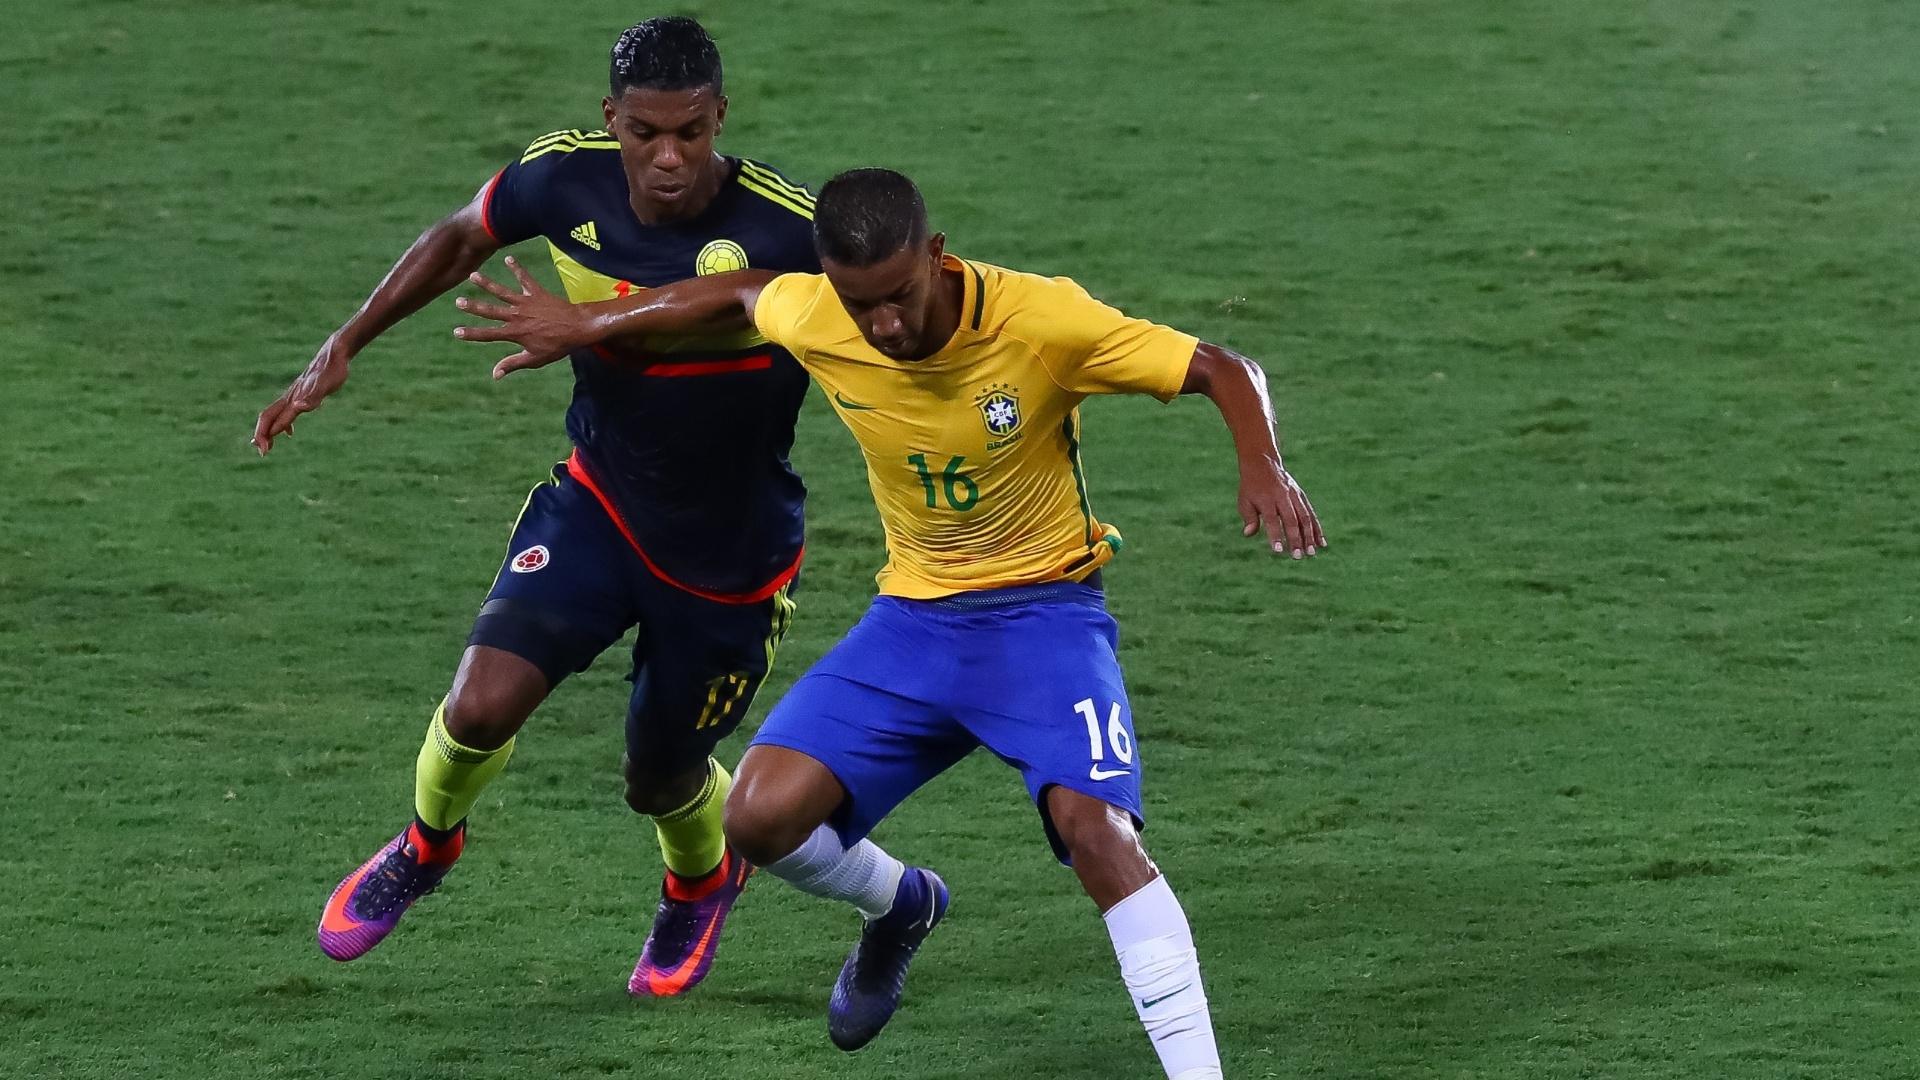 Jorge tenta conter a marcação de Berro, durante a partida entre Brasil e Colômbia